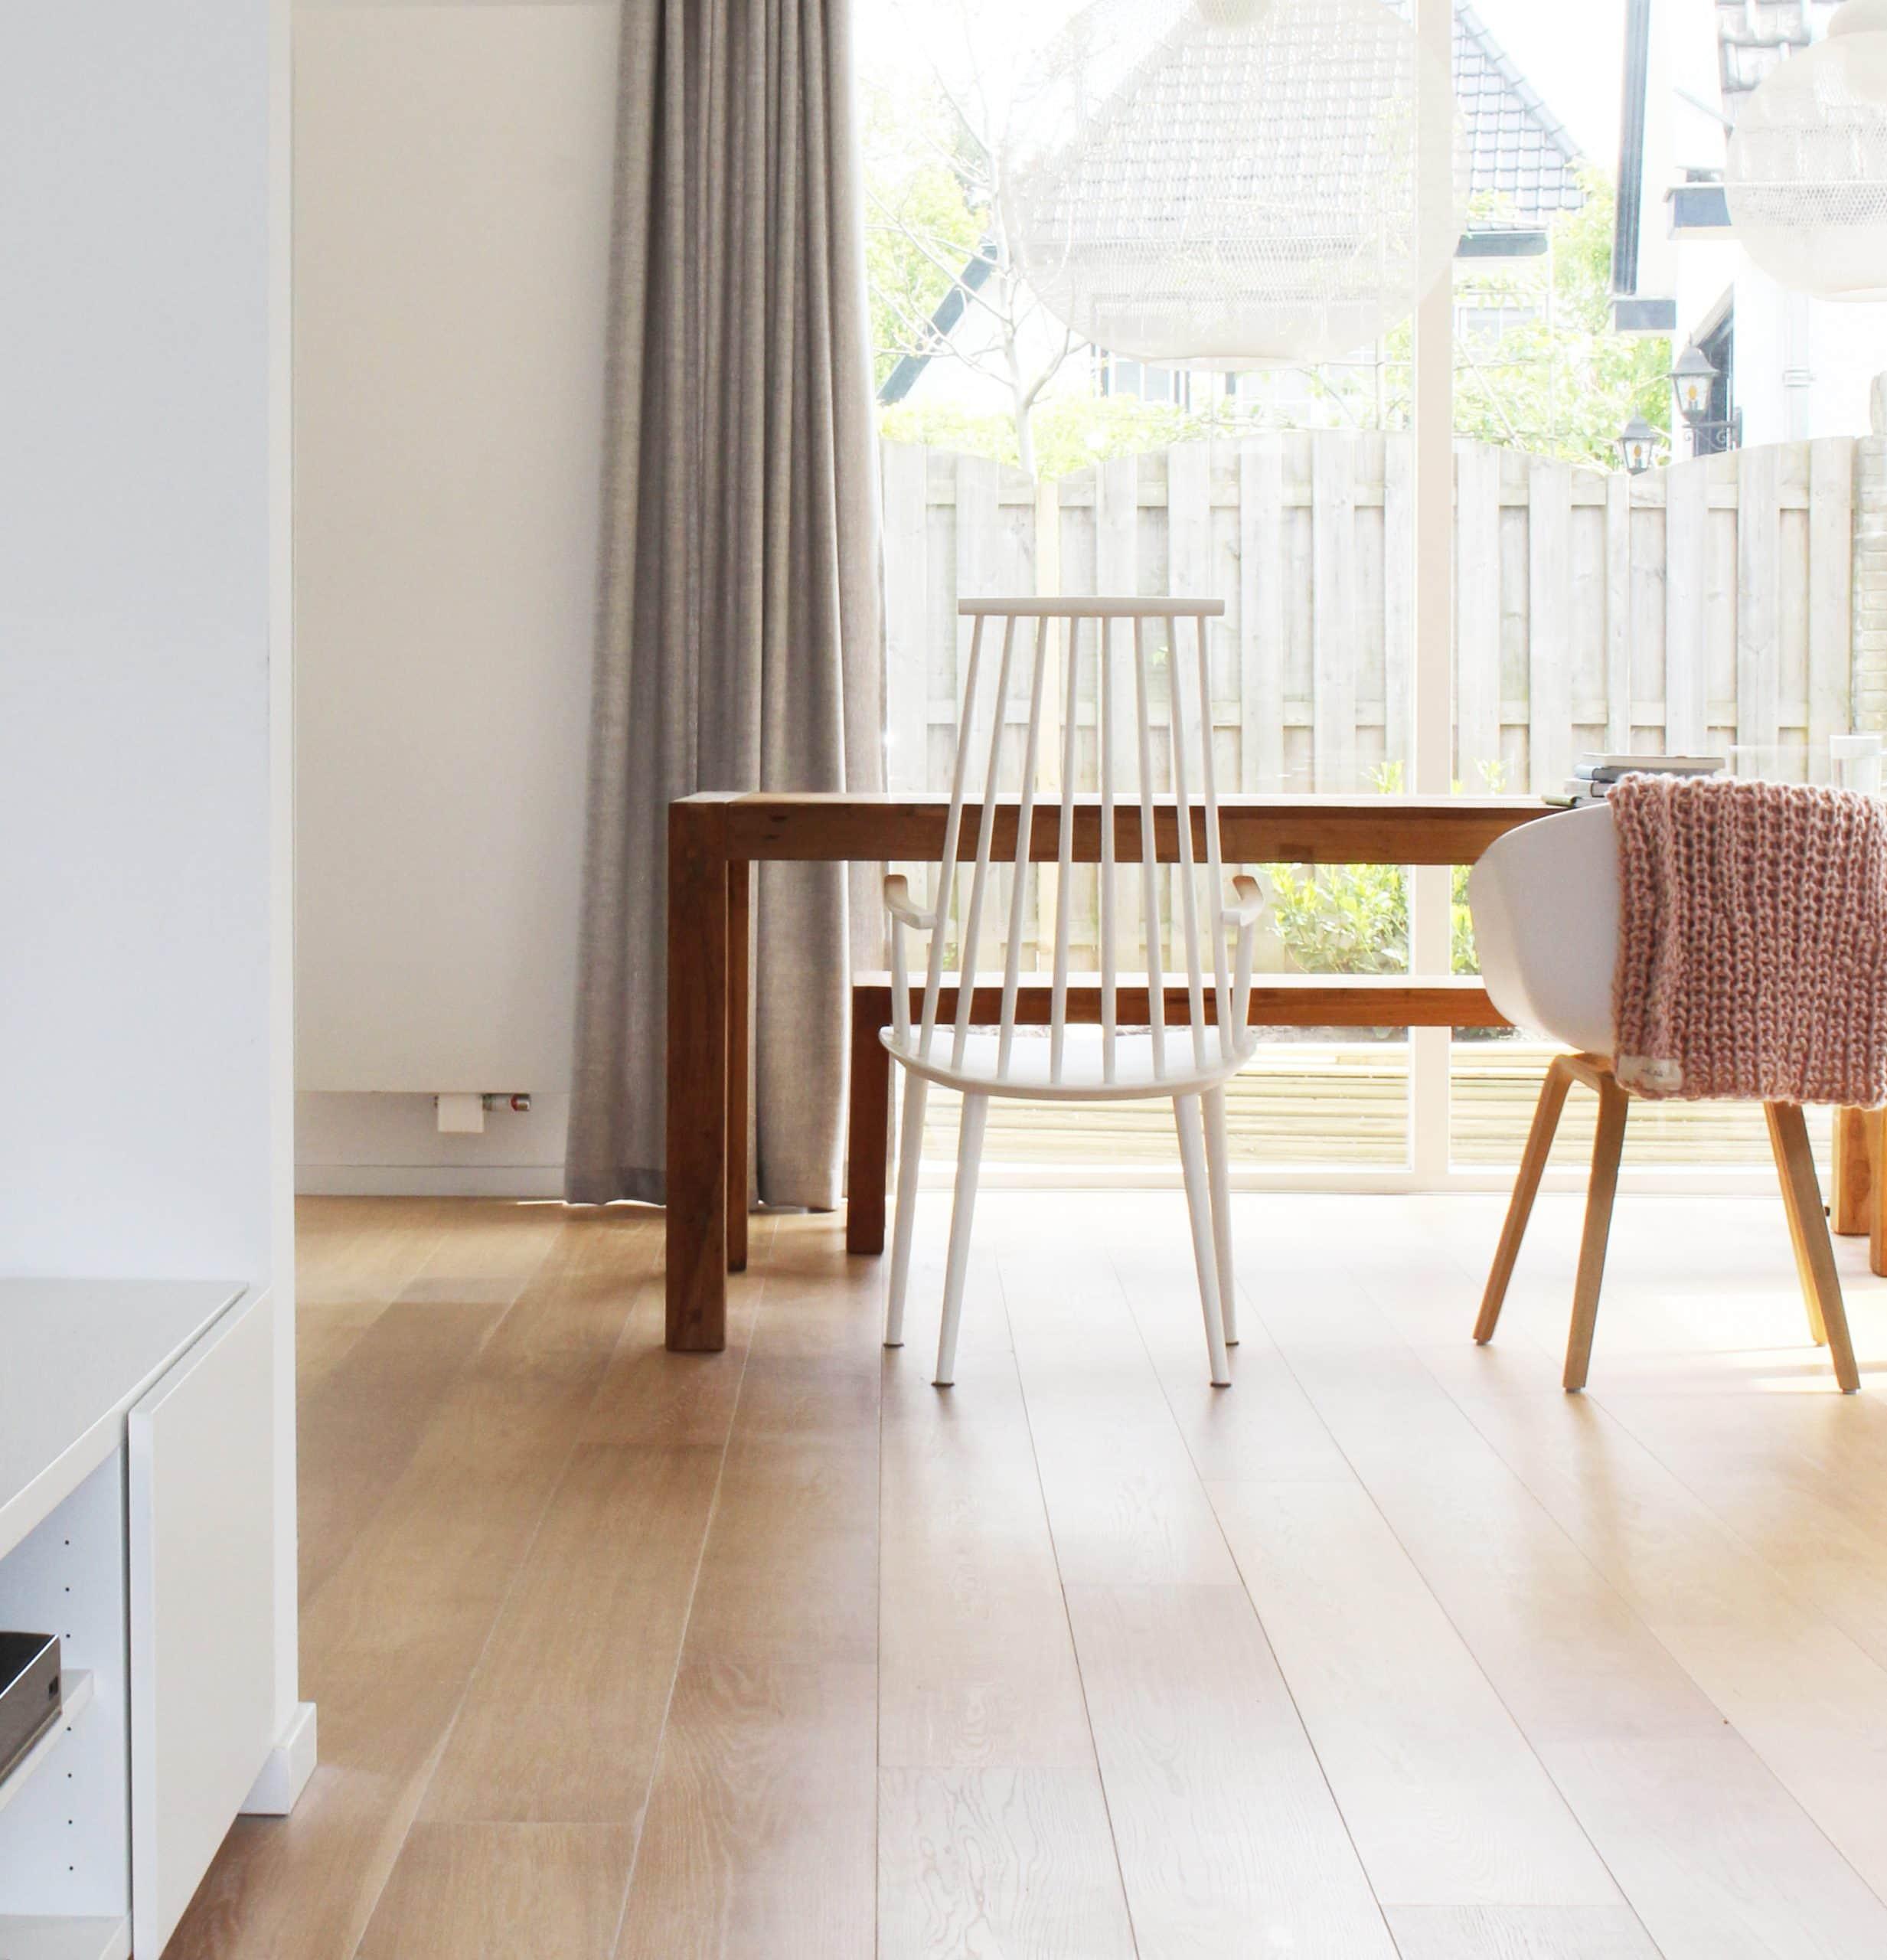 Houten vloer woonkamer met verbinding naar tuin